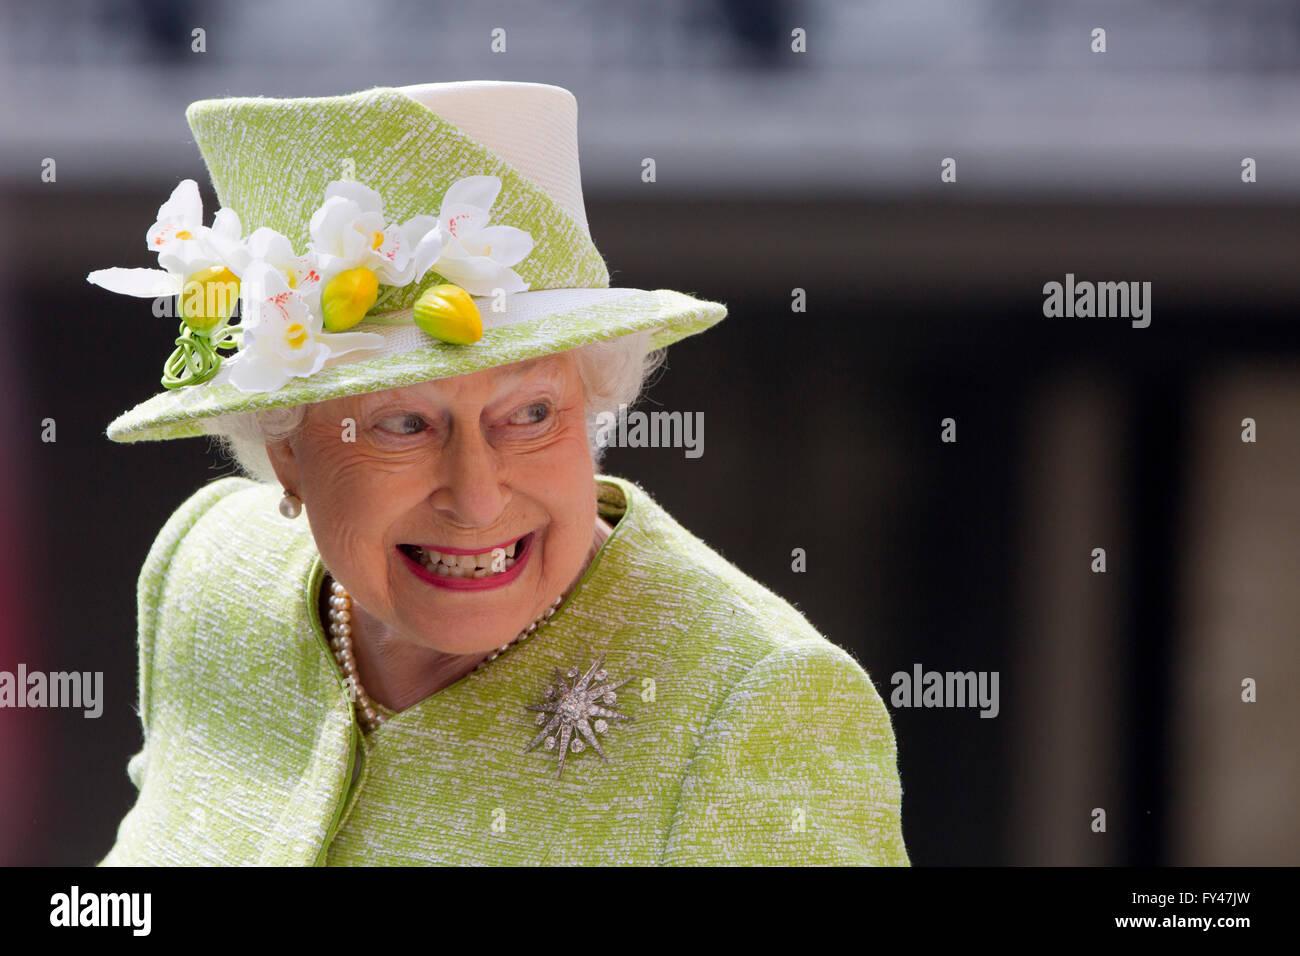 Windsor UK 21 April 2016 Queen Elizabeth II On Her 90th Birthday